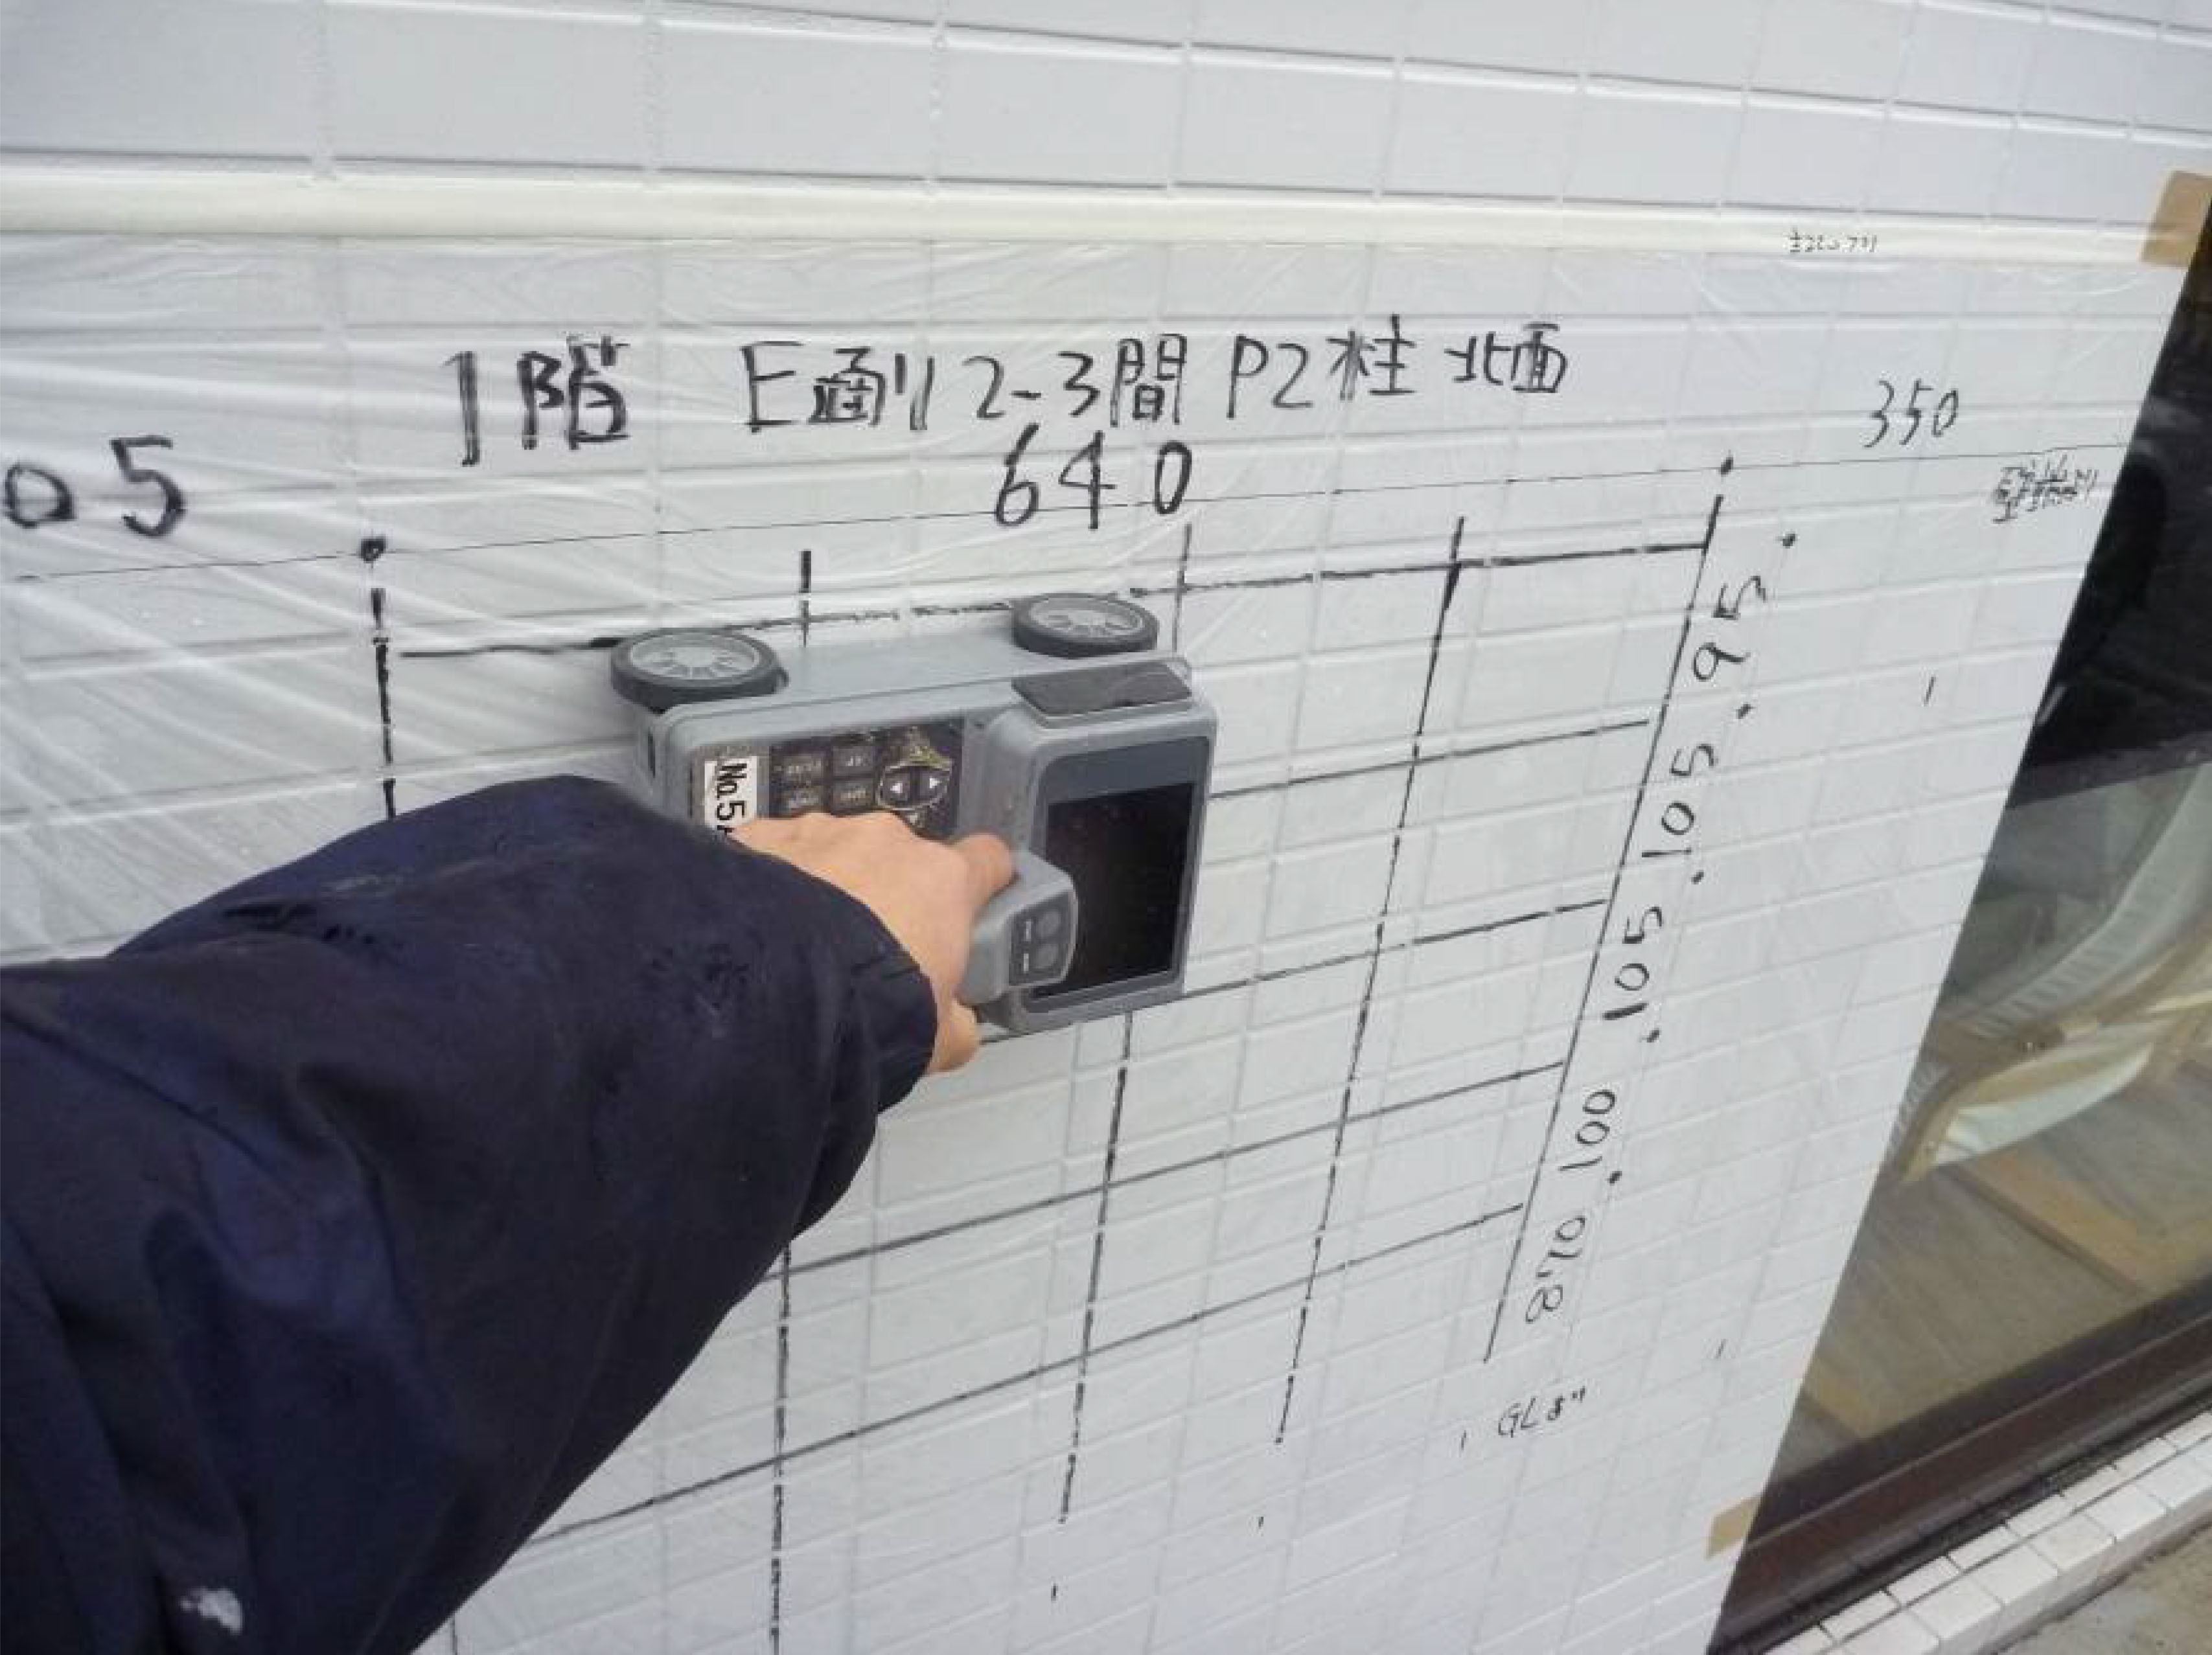 鉄筋探査機を用いて既存建物の構造調査を実施している現場写真